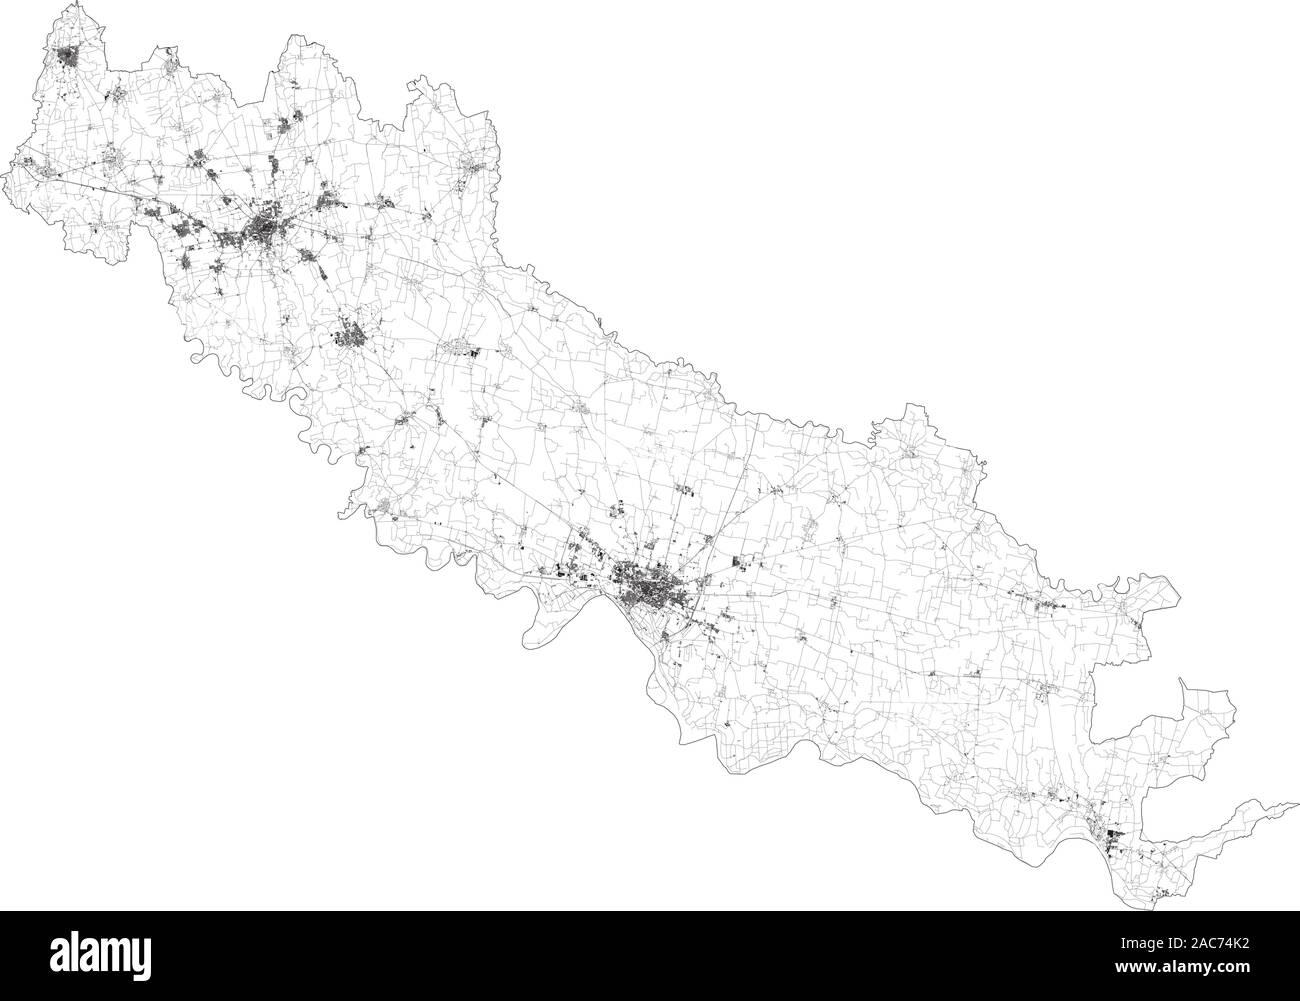 Cartina Geografica Cartina Comuni Della Provincia Di Cremona.Italy Lombardy Milan Highway Immagini E Fotos Stock Alamy